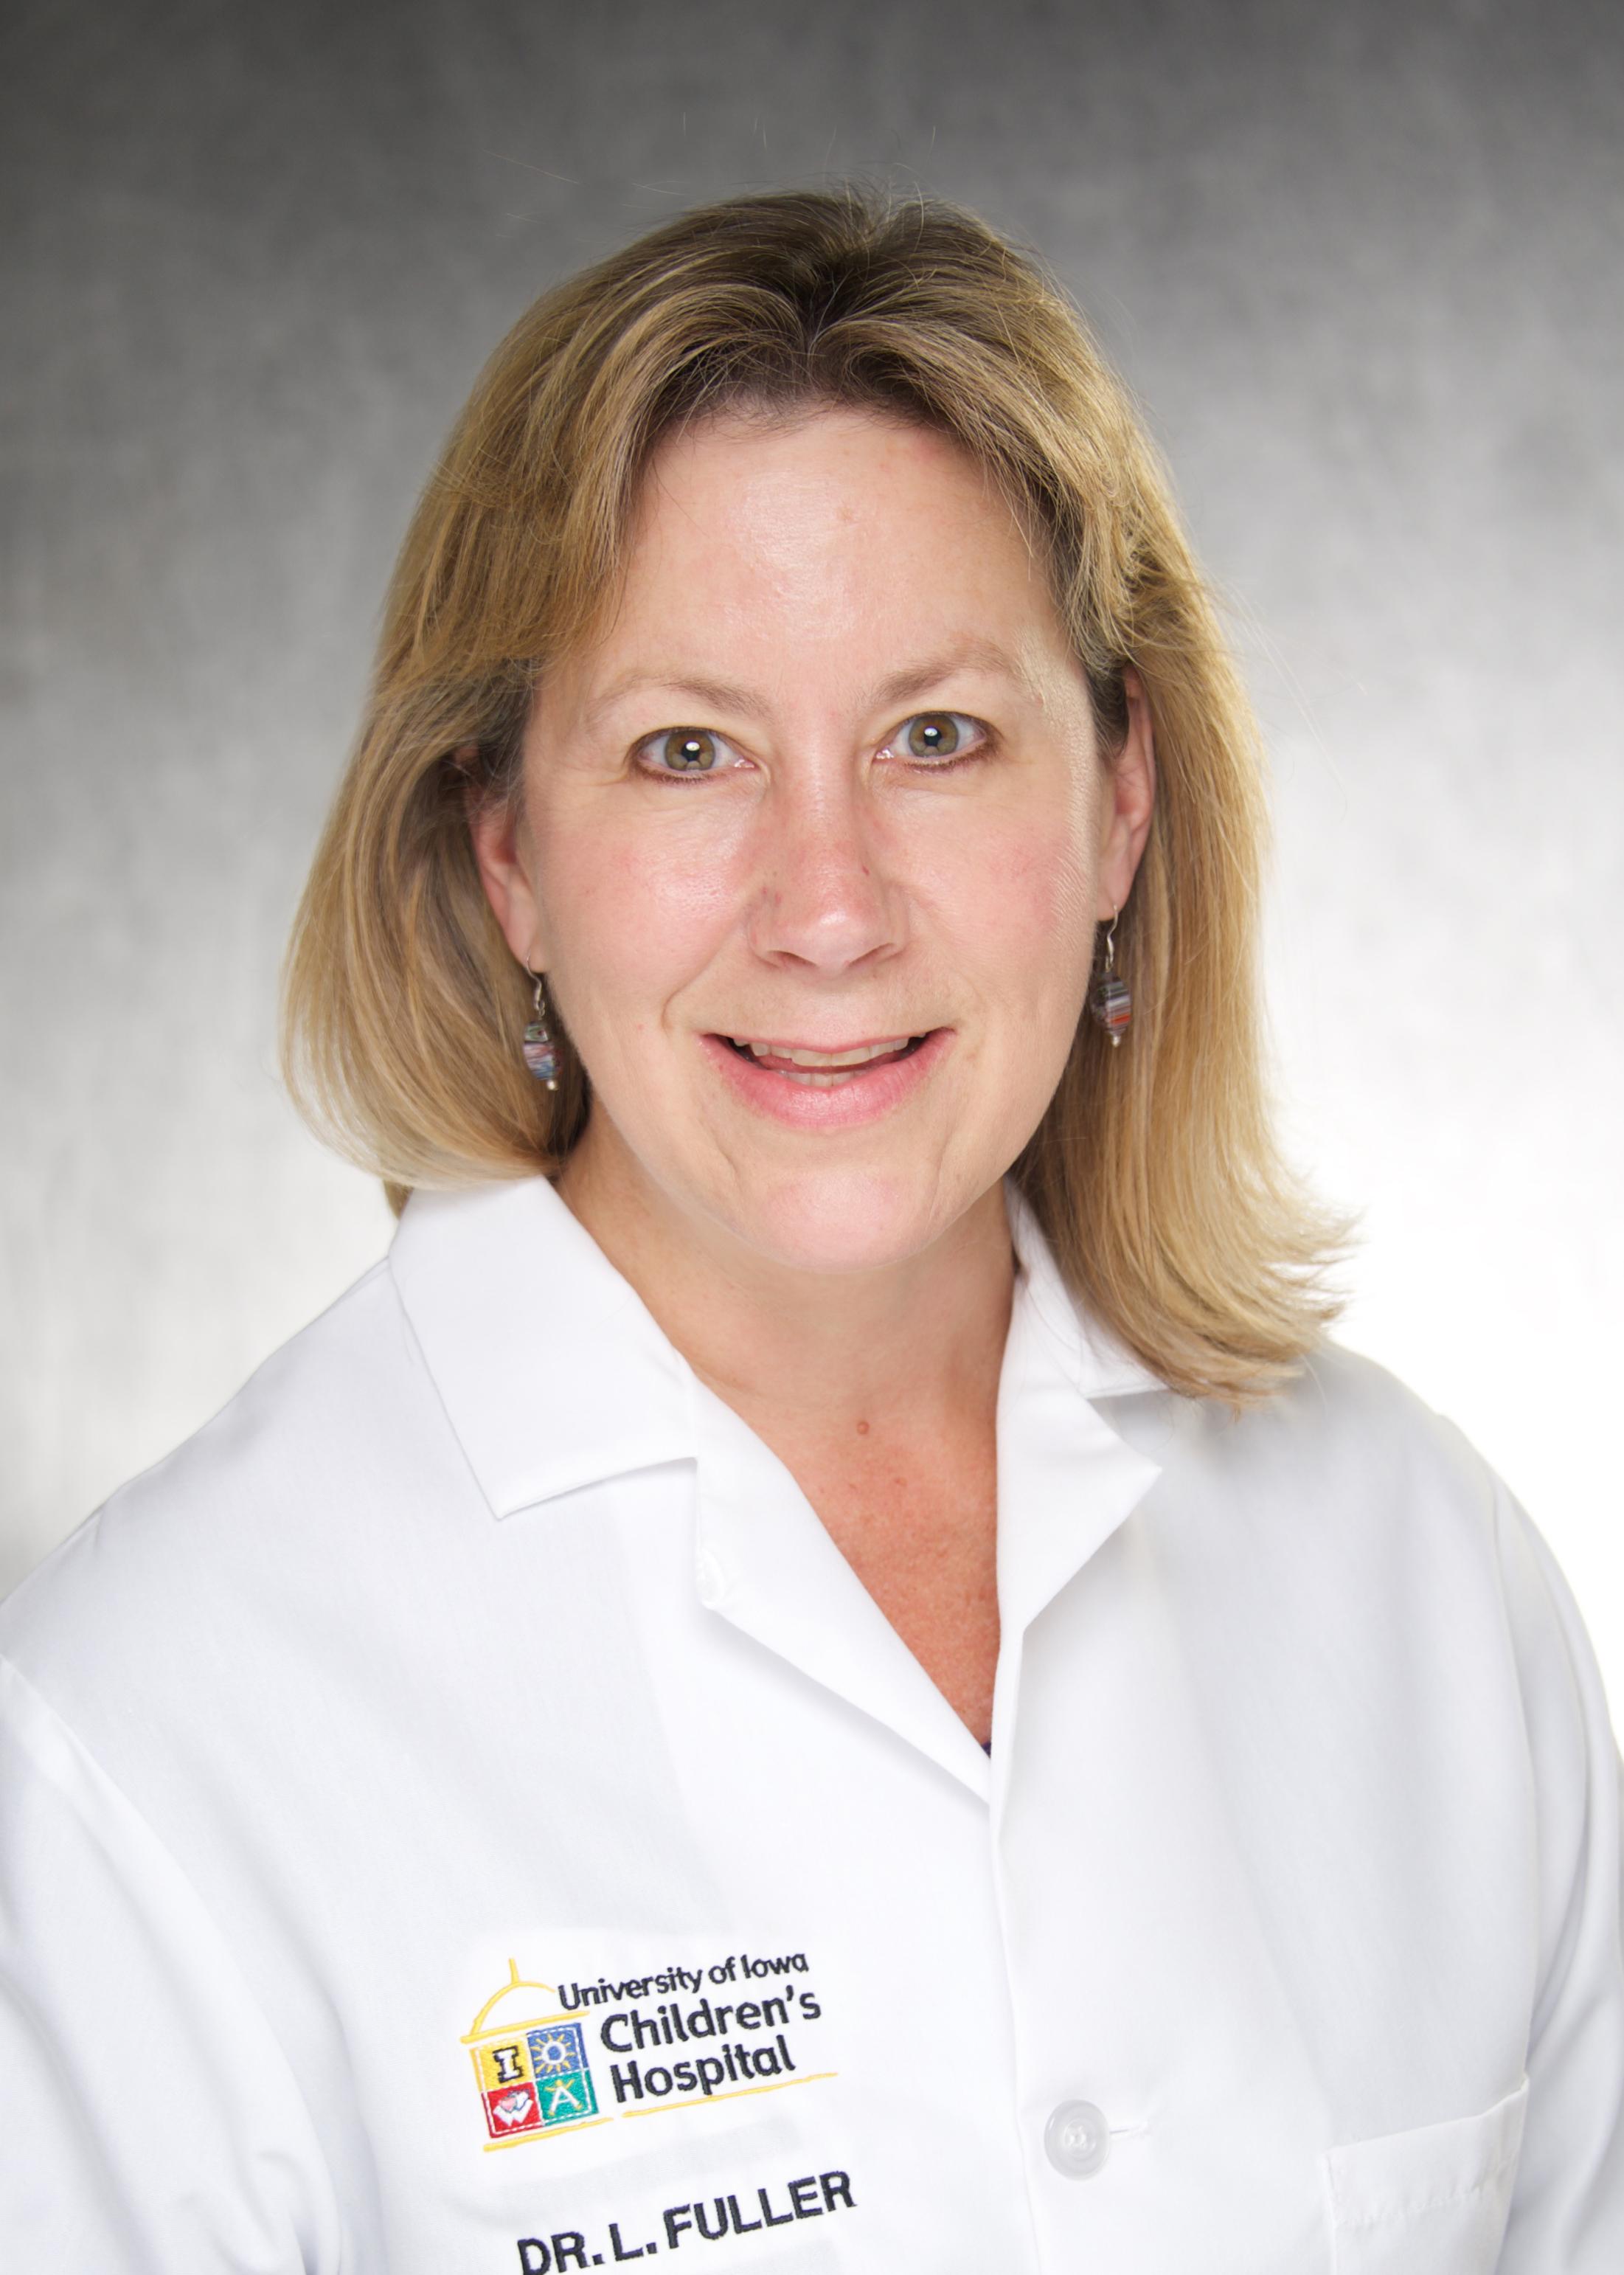 Laura Fuller, PhD